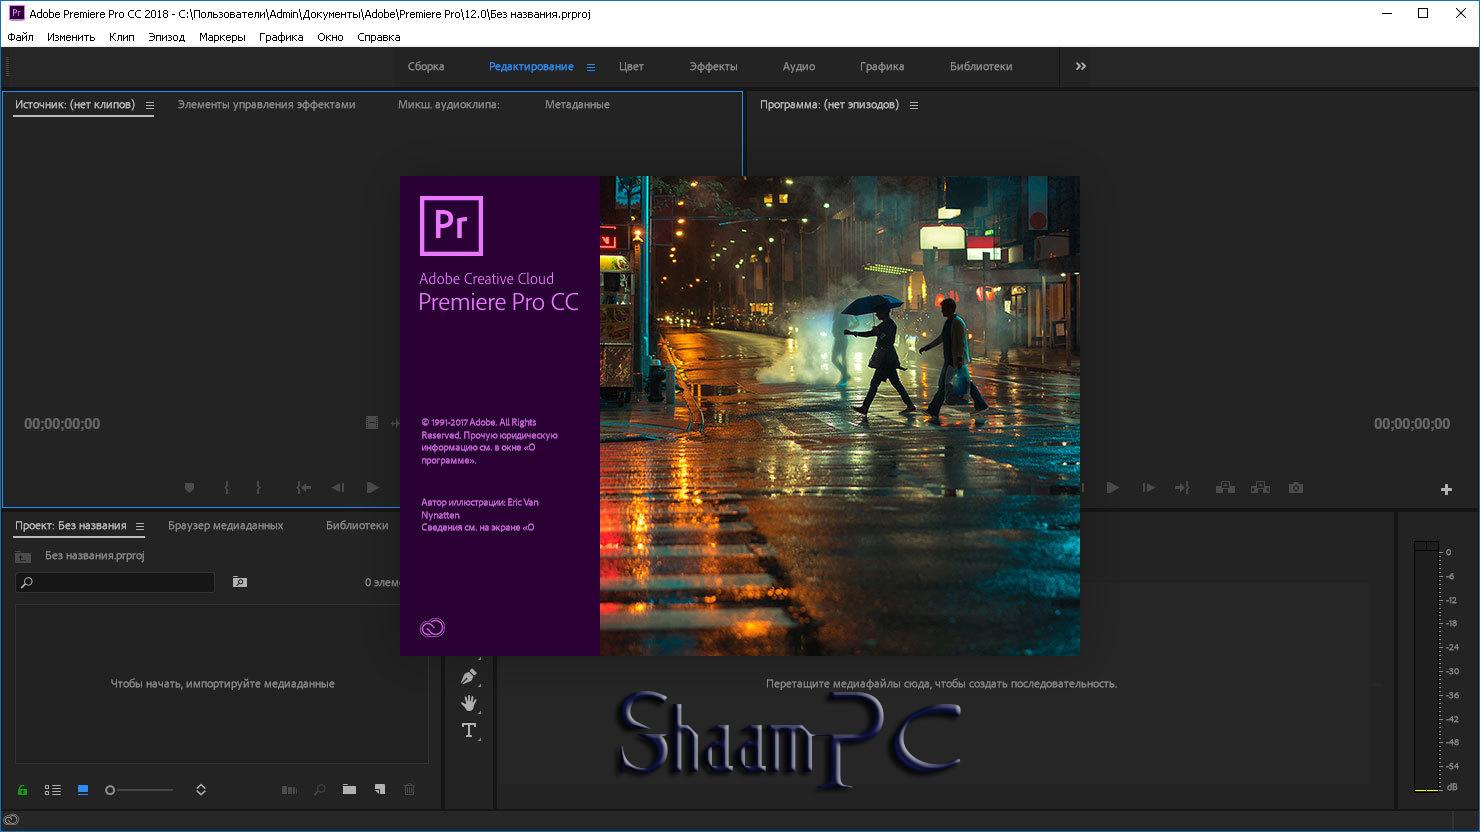 adobe premiere pro 1 5 free download for windows 7 compatibility